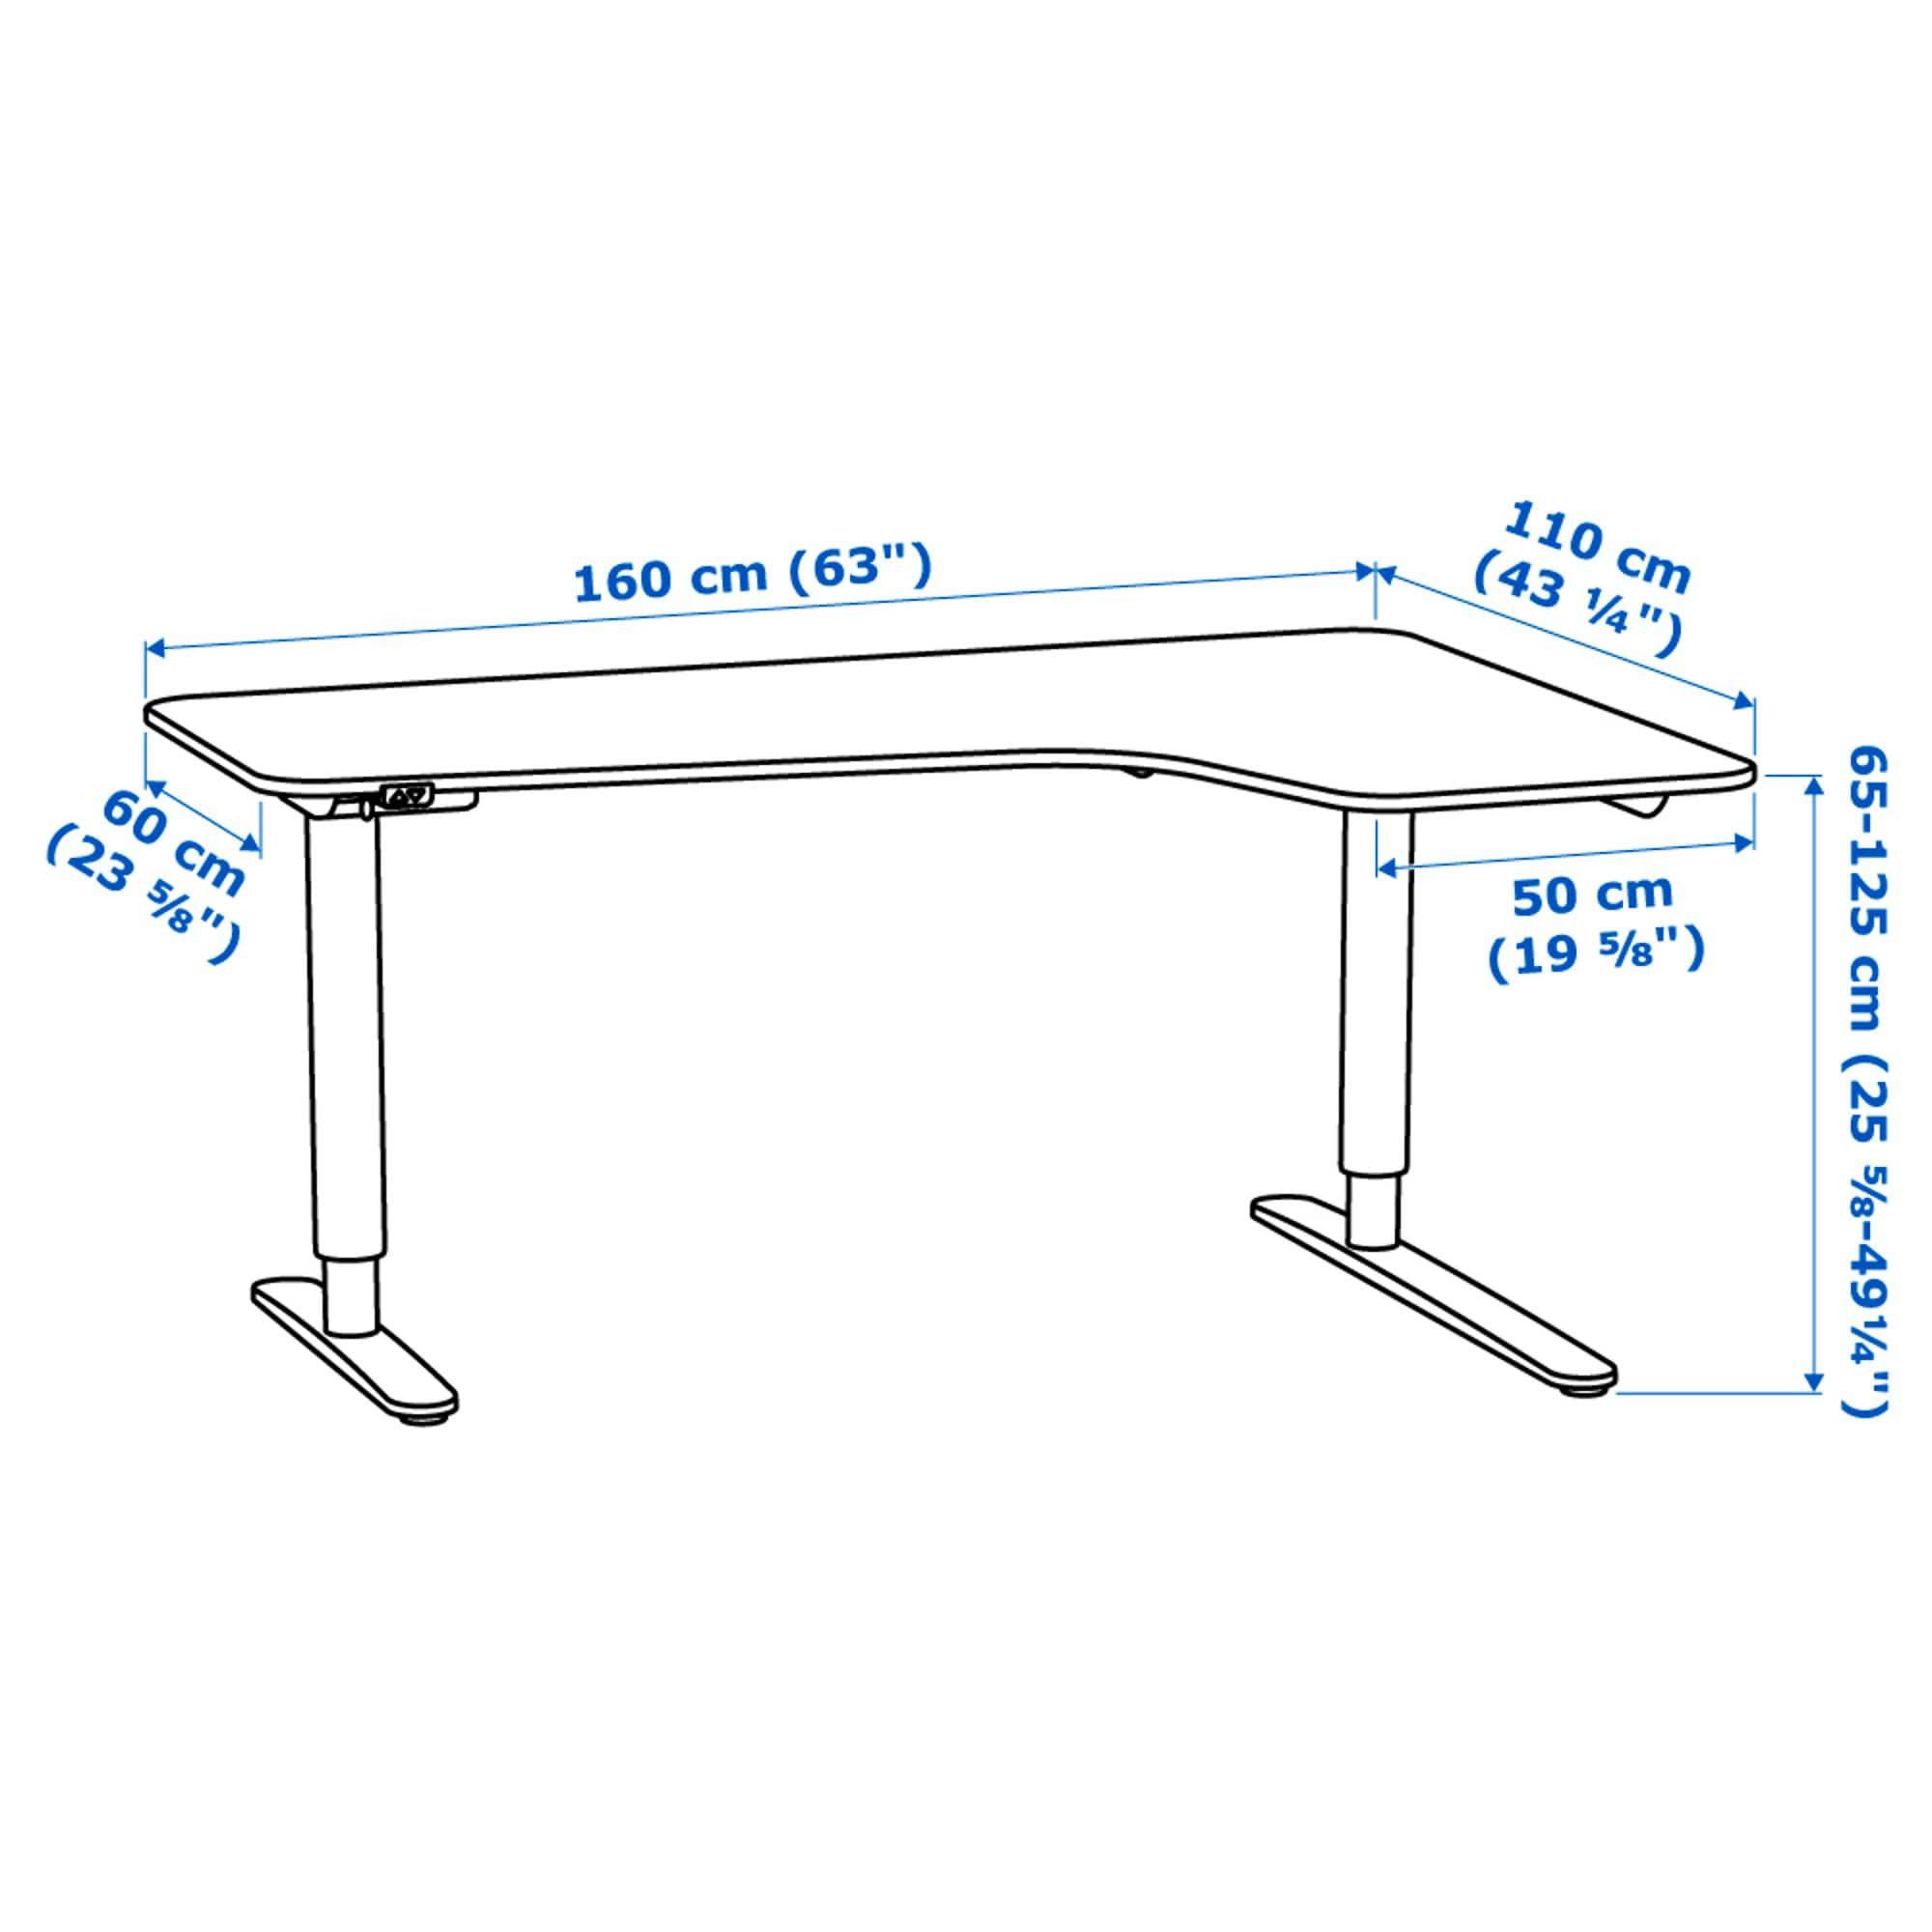 ikea bekant table blueprint